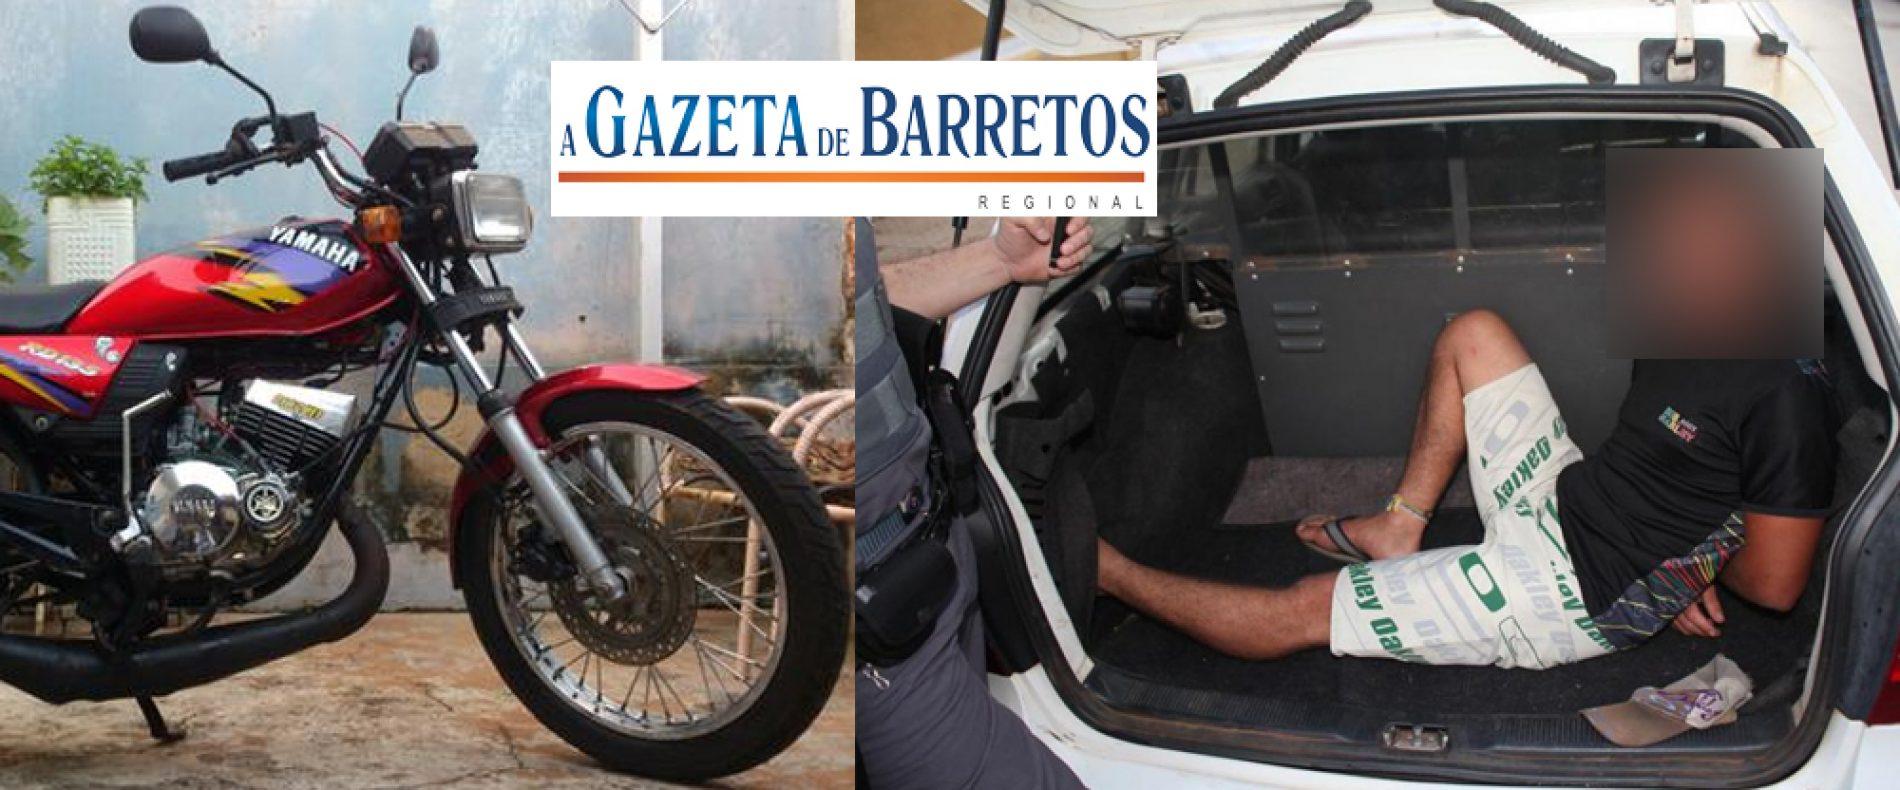 Jovem é detido com moto furtada